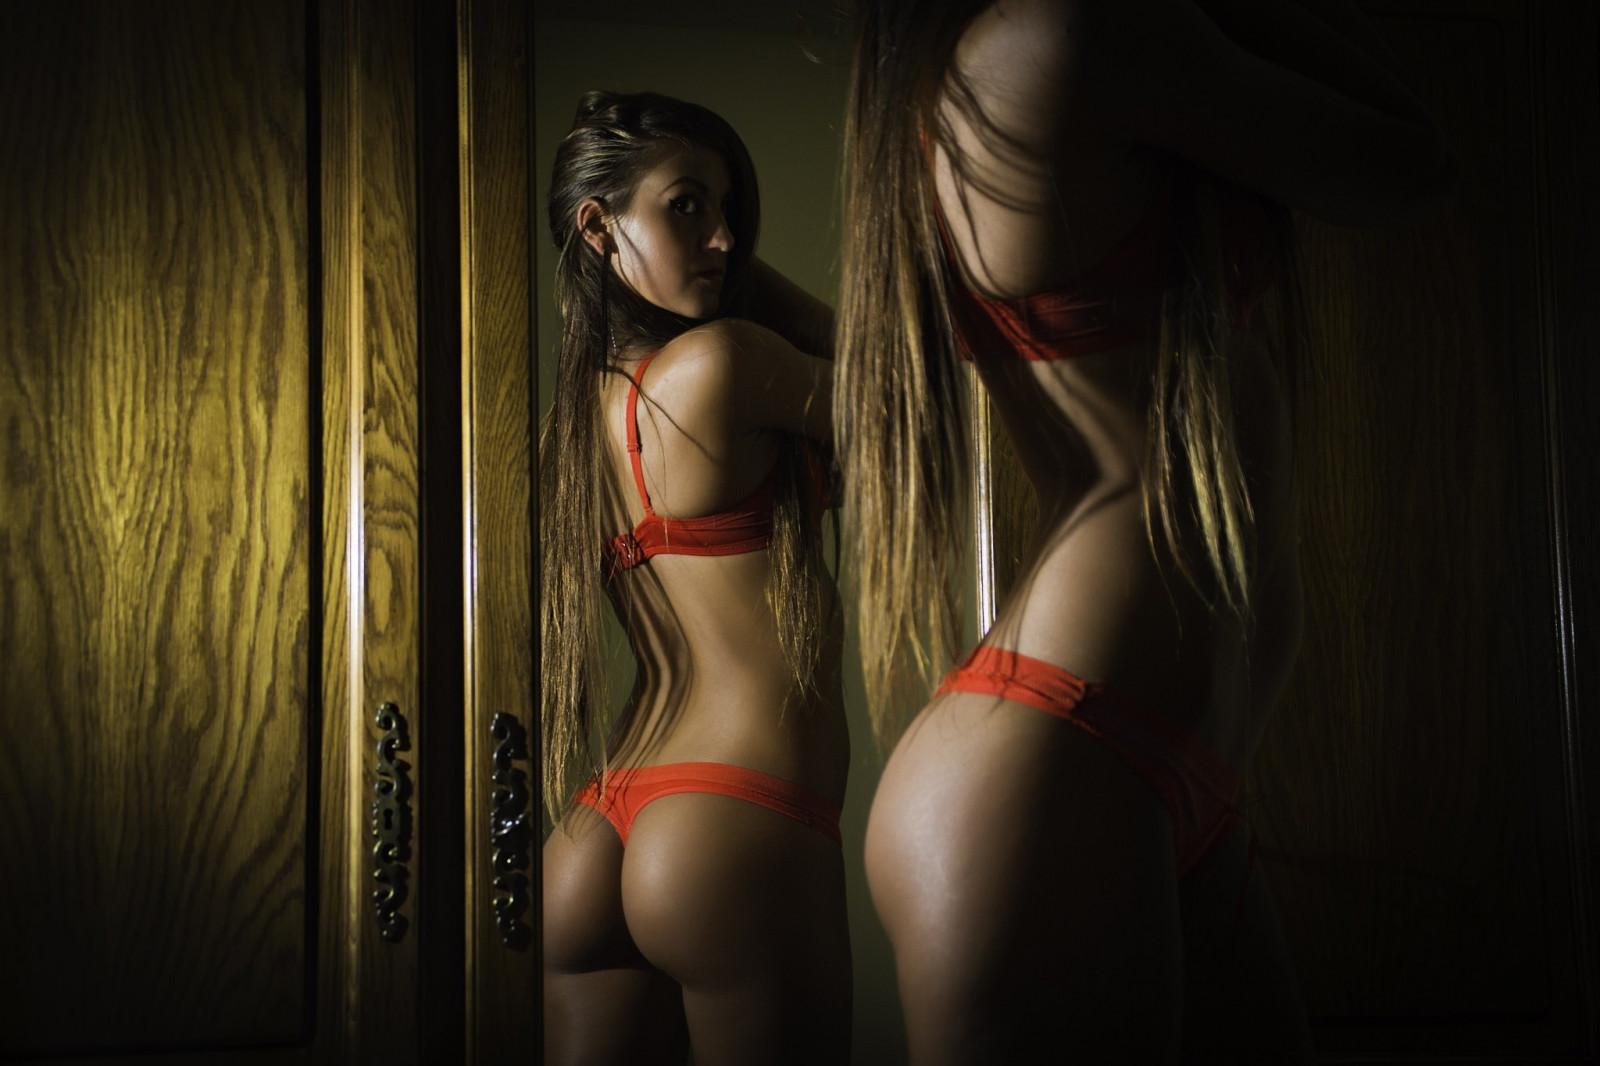 телка танцует красиво перед зеркалом махнула